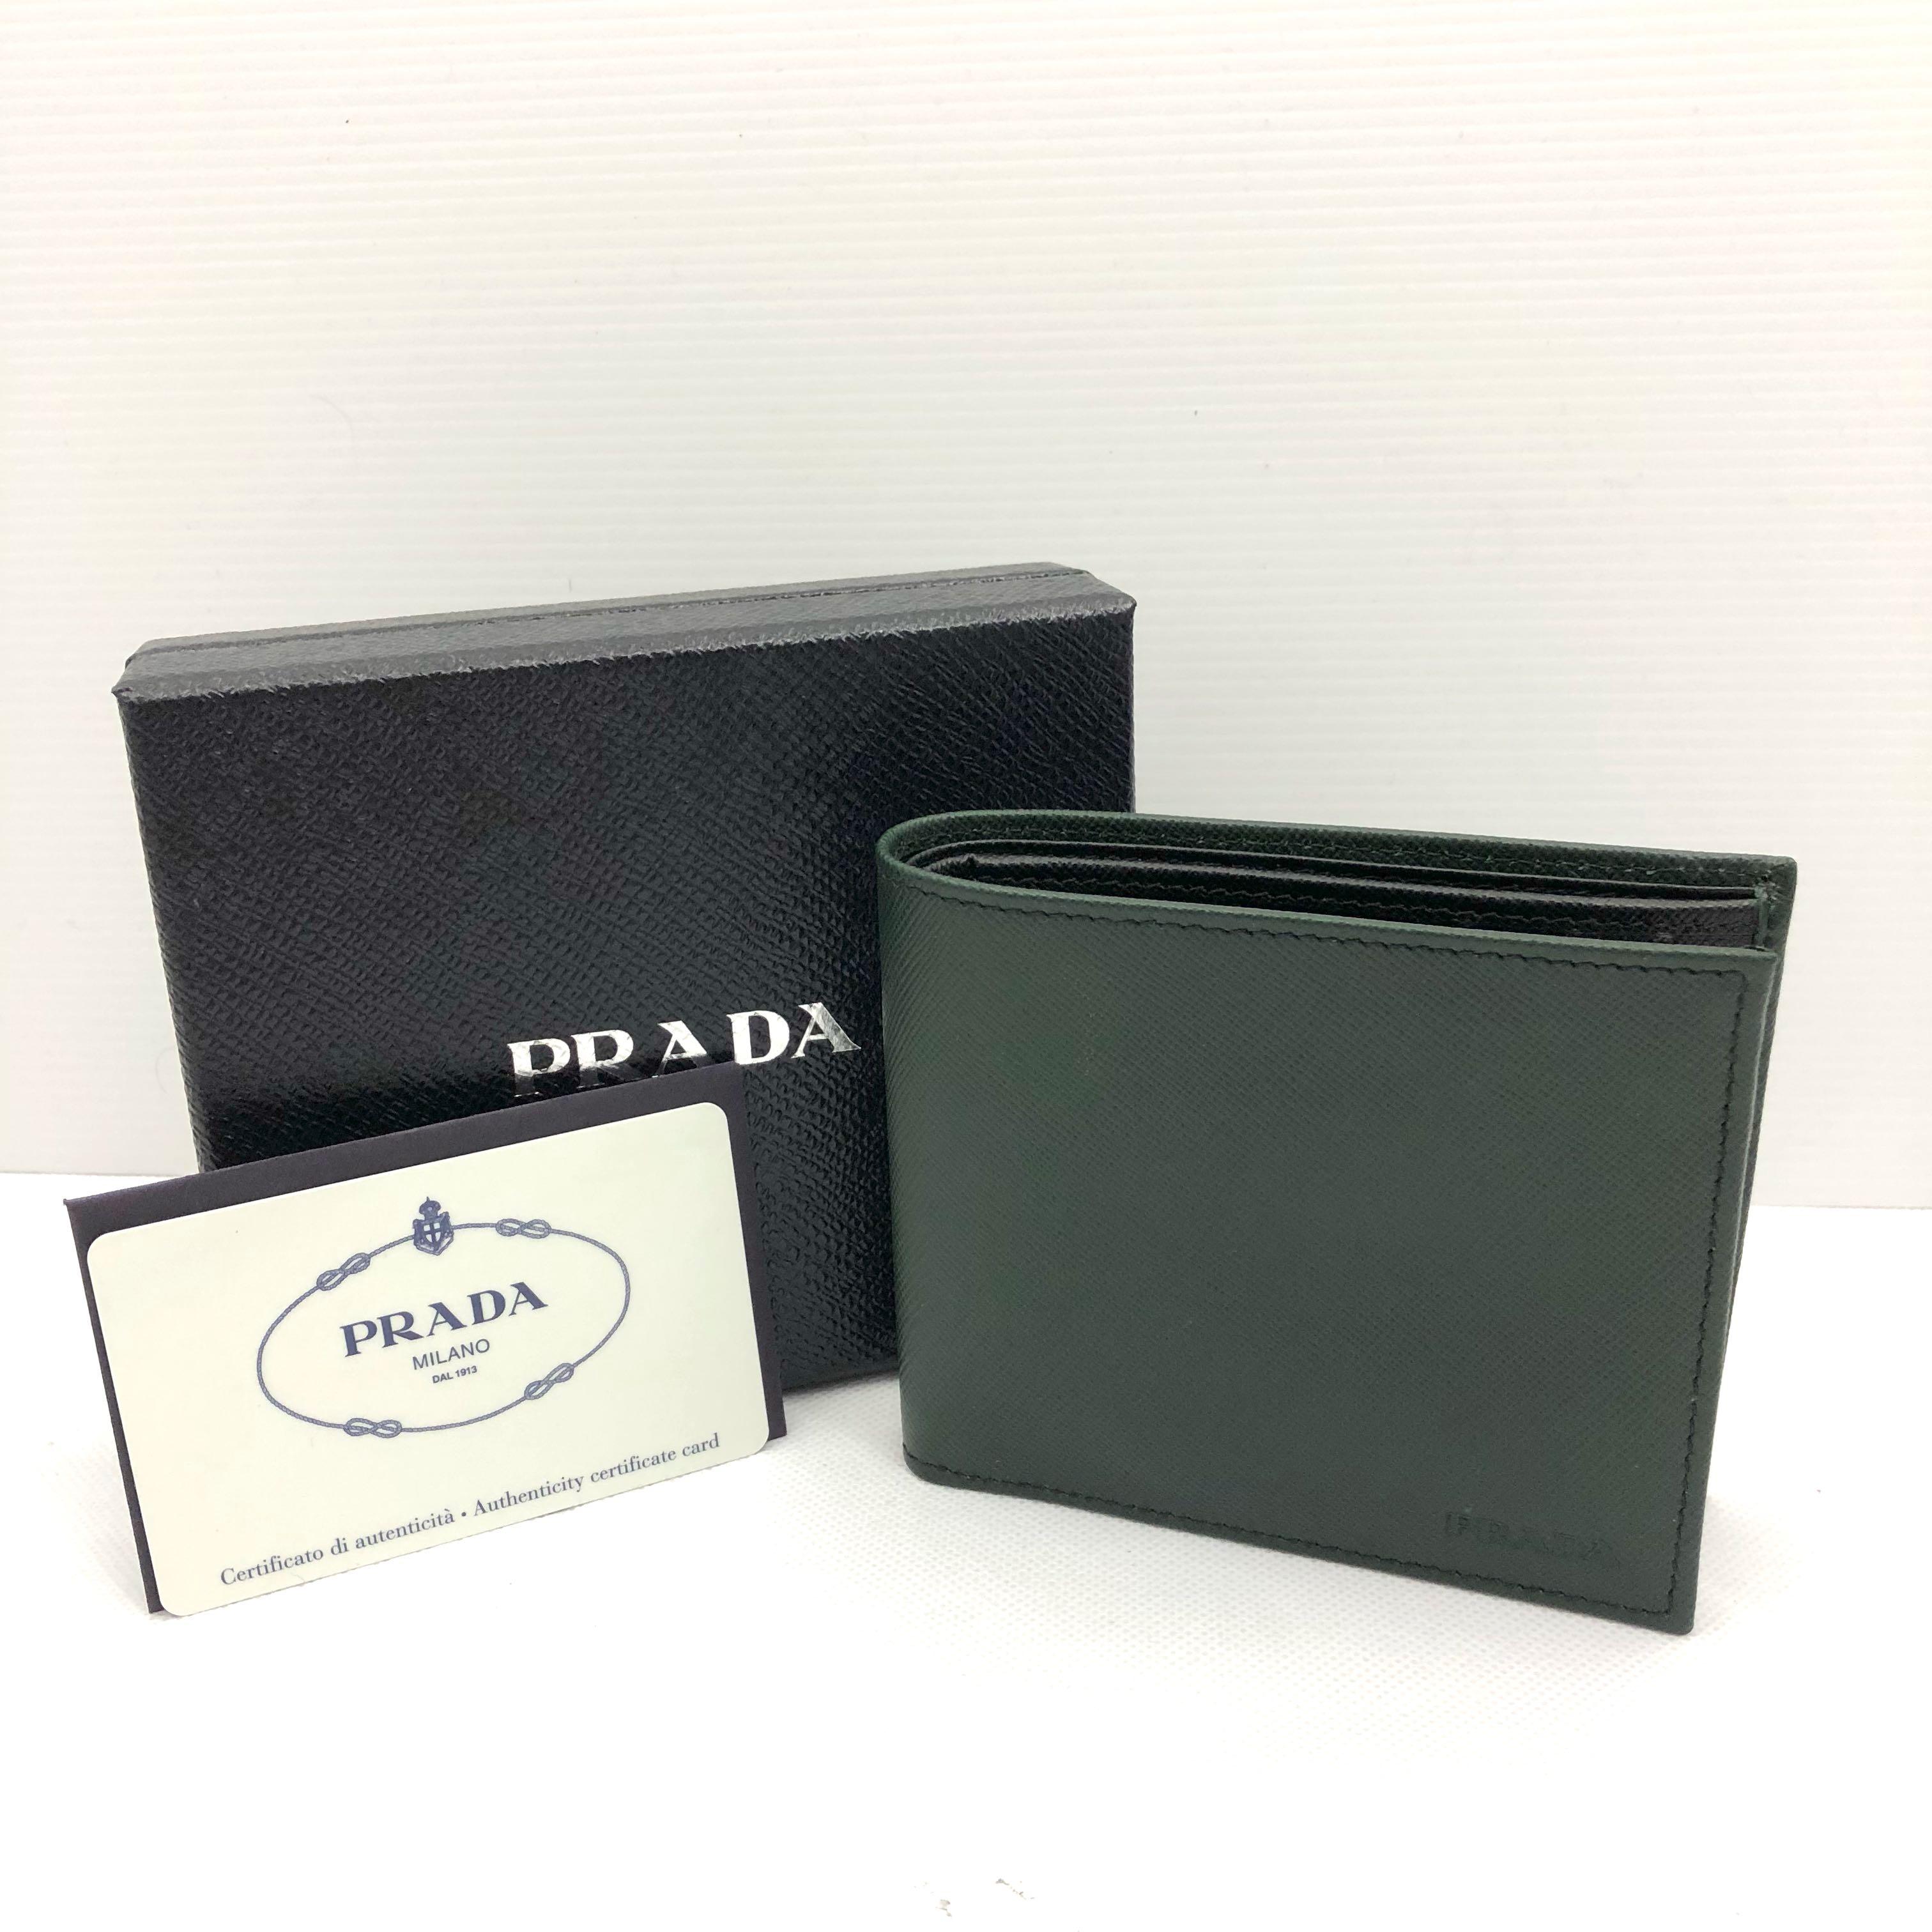 9cc643405dae 36c4e d69da; get prada mens wallet green 187002382 mens fashion bags  wallets wallets on carousell d615b 0acb6